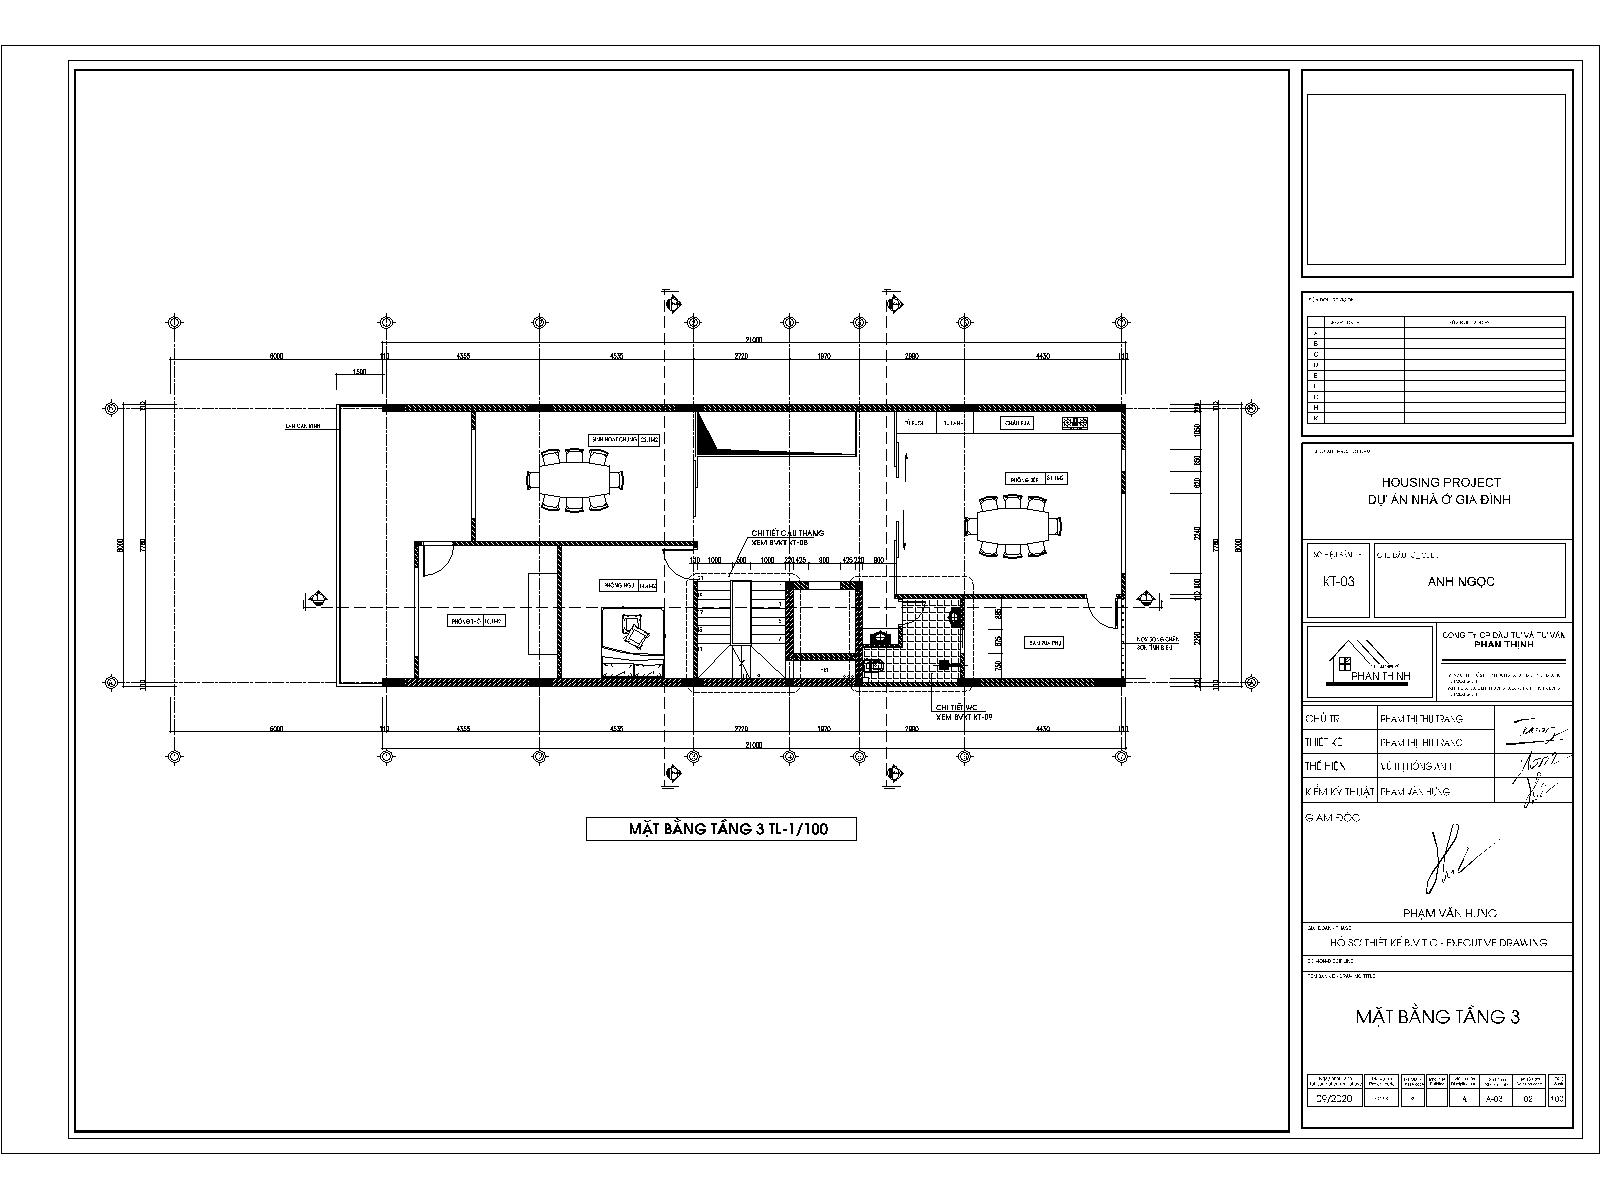 Mặt bằng tầng 3 - Mẫu nhà ống 3 tầng đẹp